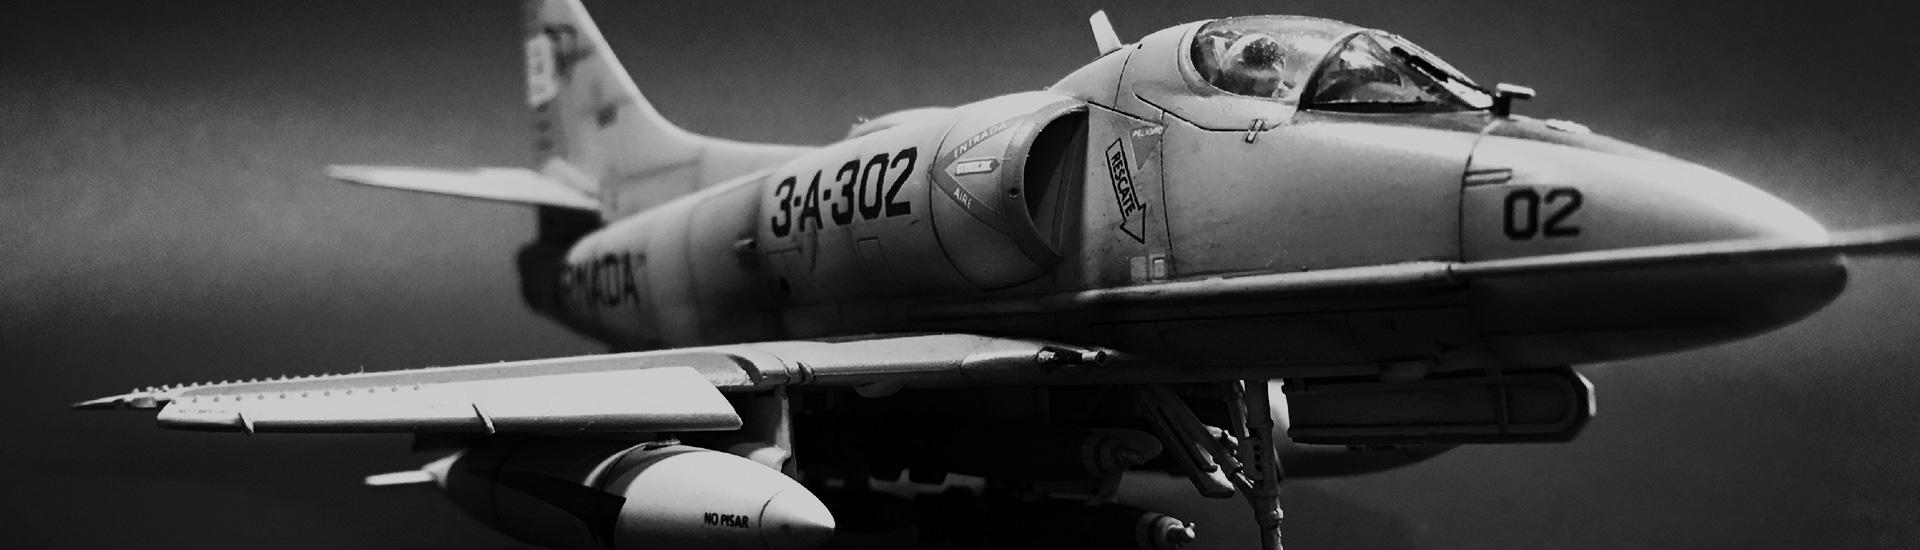 A4-Q Armada Argentina (3-A-302)